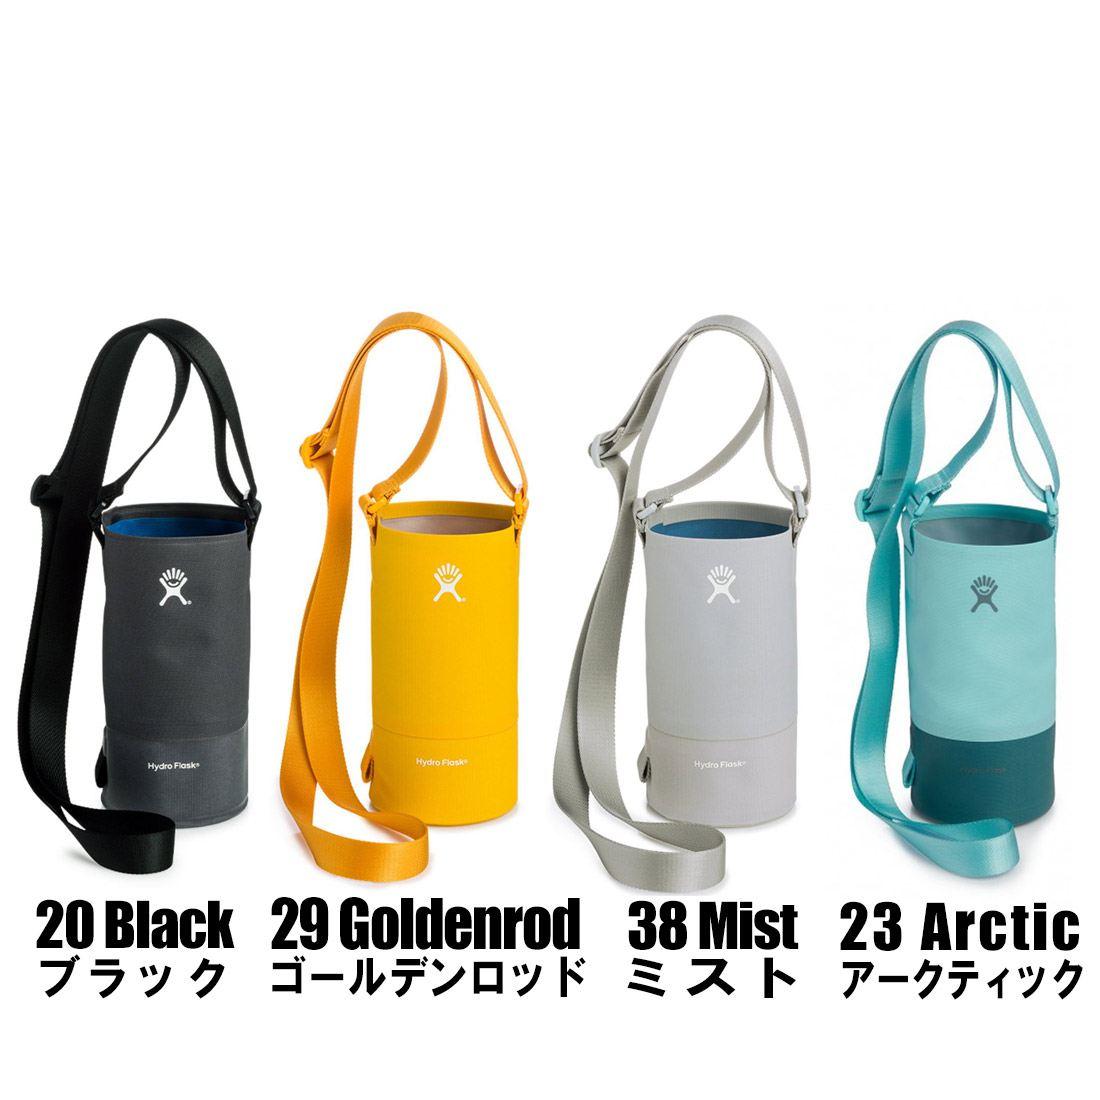 ハイドロフラスク ボトルスリング ラージ 32oz用 保温 保冷 ボトル カバー  国内正規品